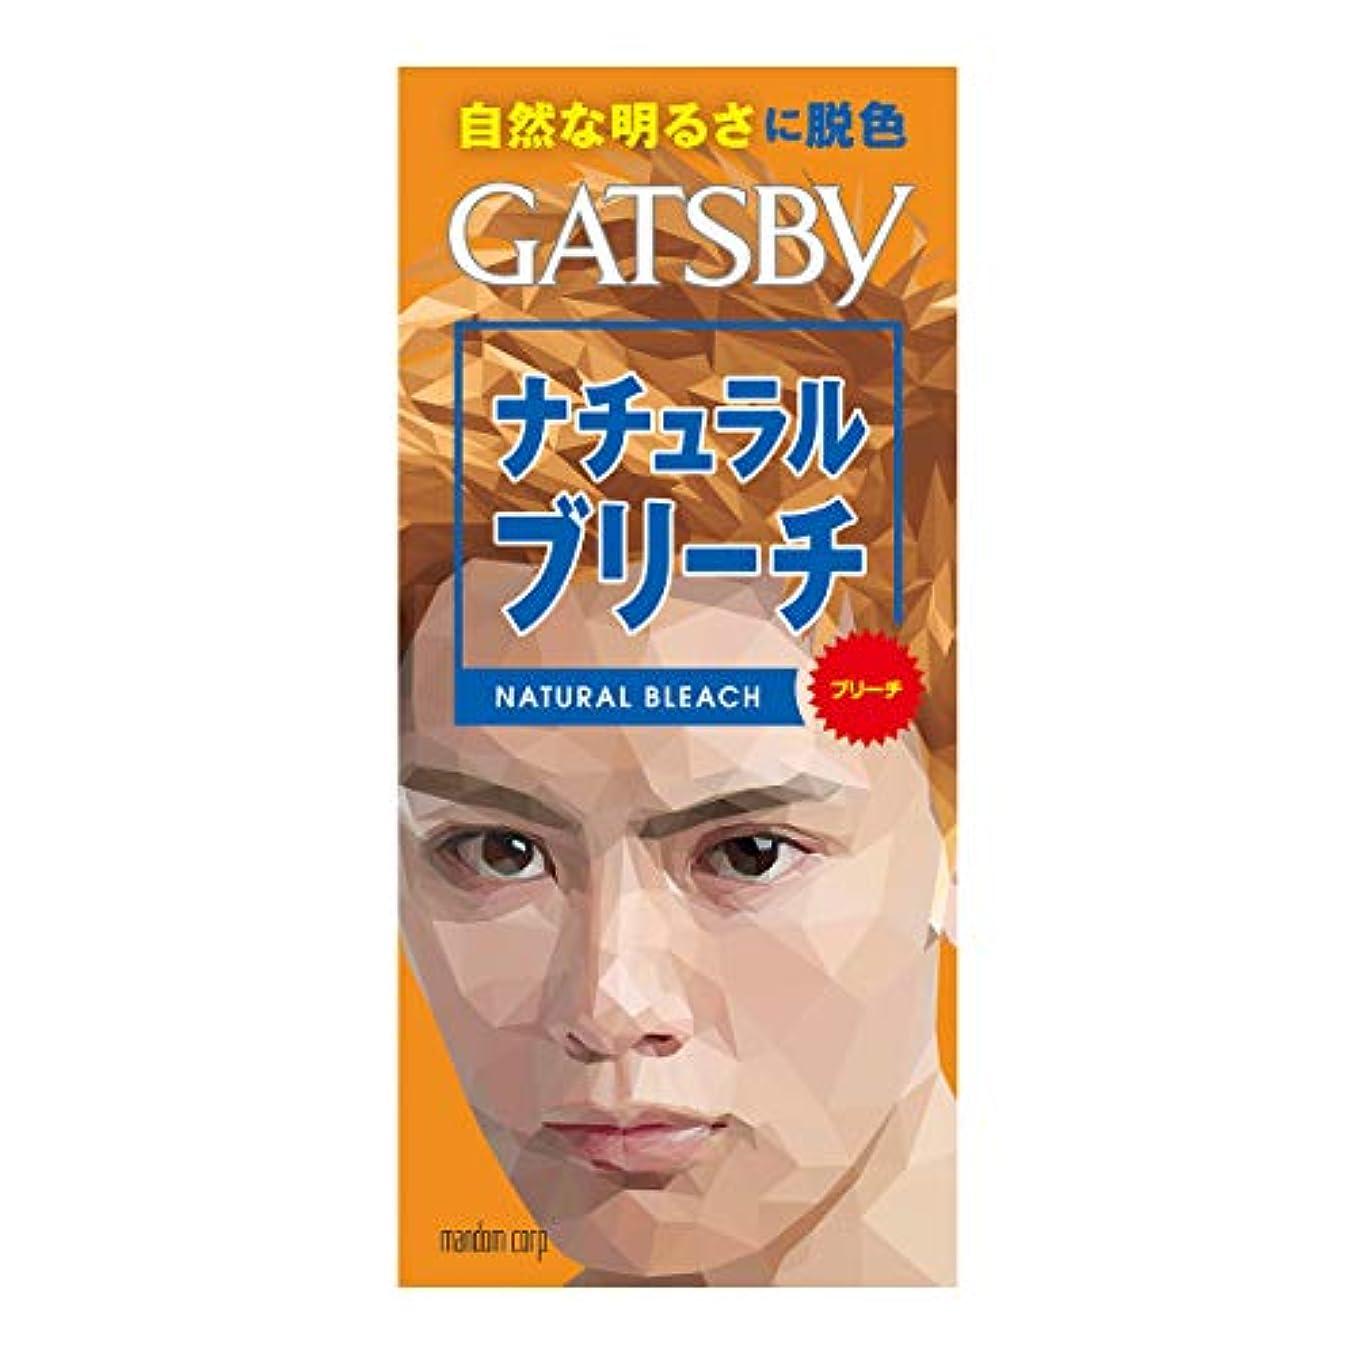 リル副産物チェリーギャツビー ナチュラルブリーチ 【HTRC5.1】